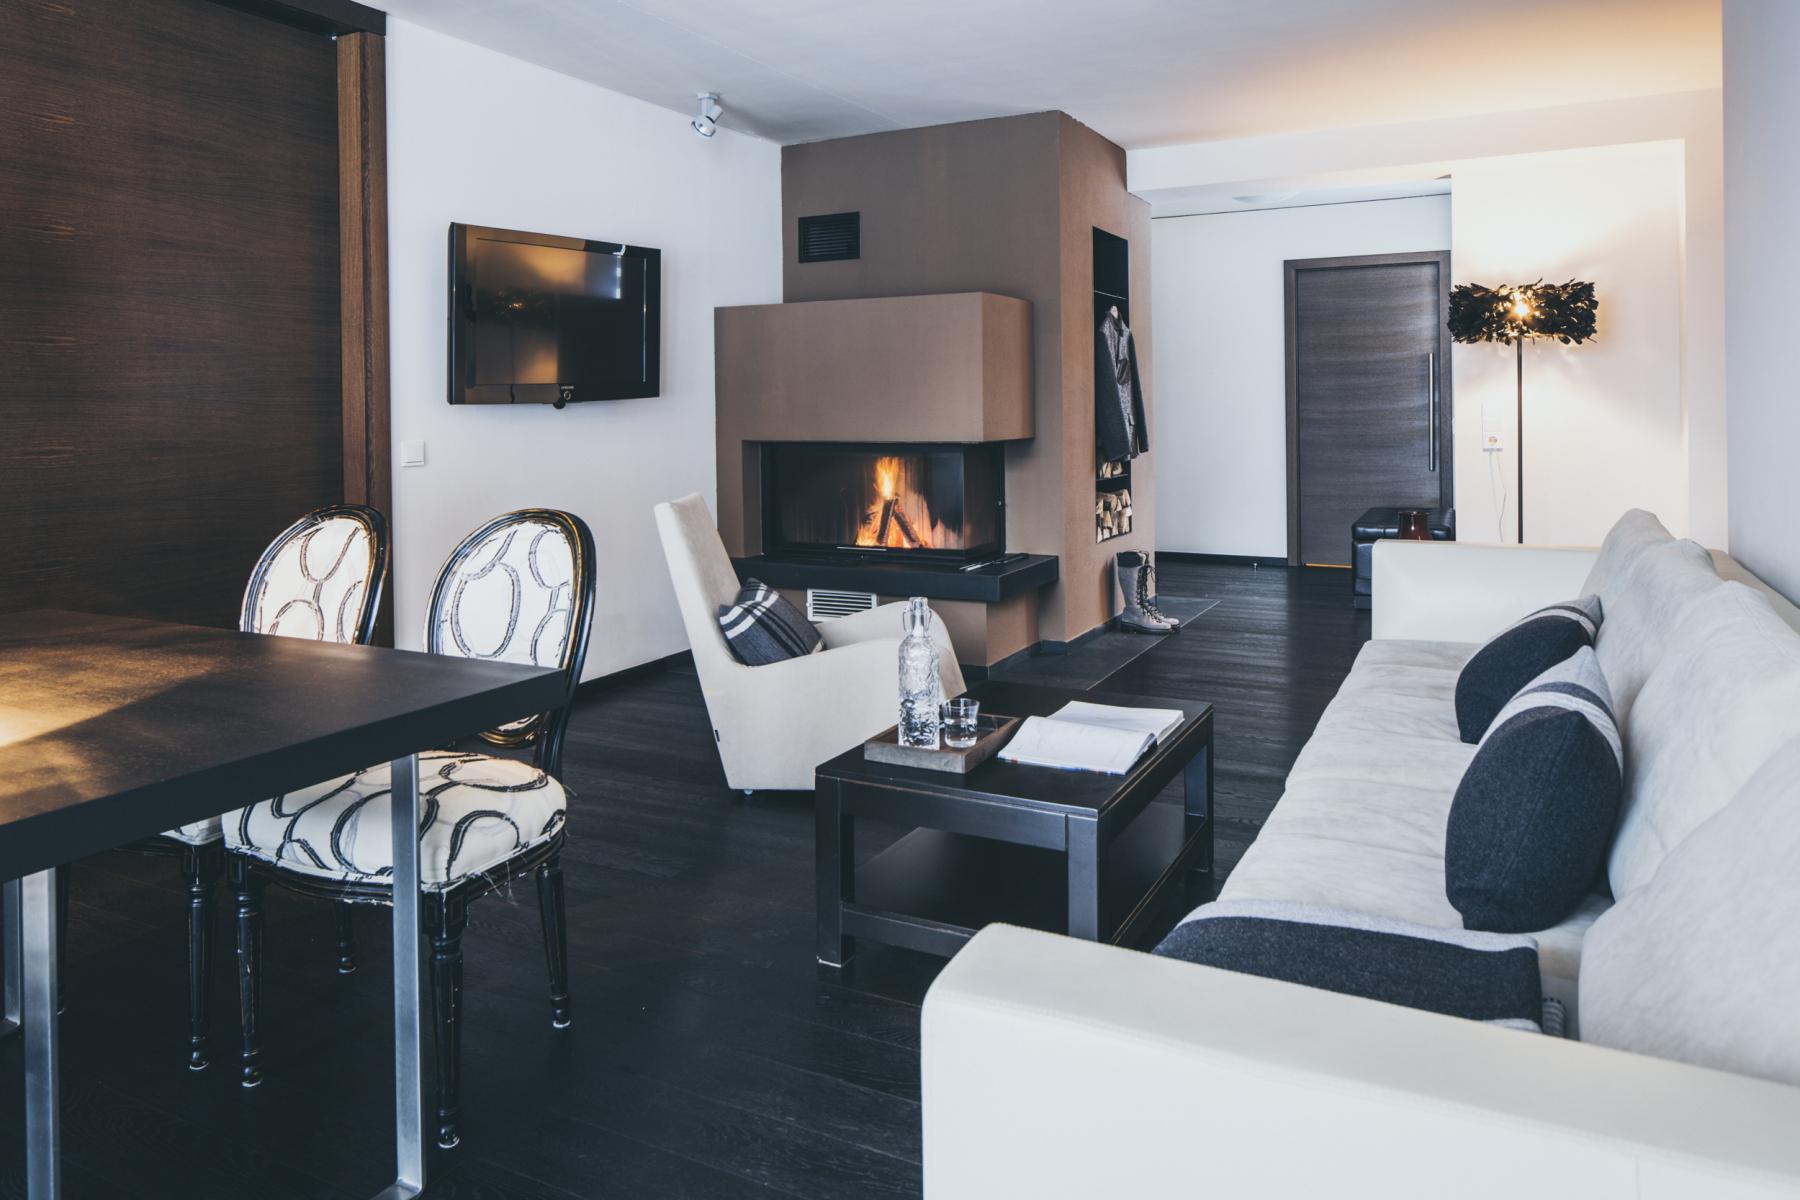 Hotel The Crystal-best room © mindpark_Daniel Zangerl